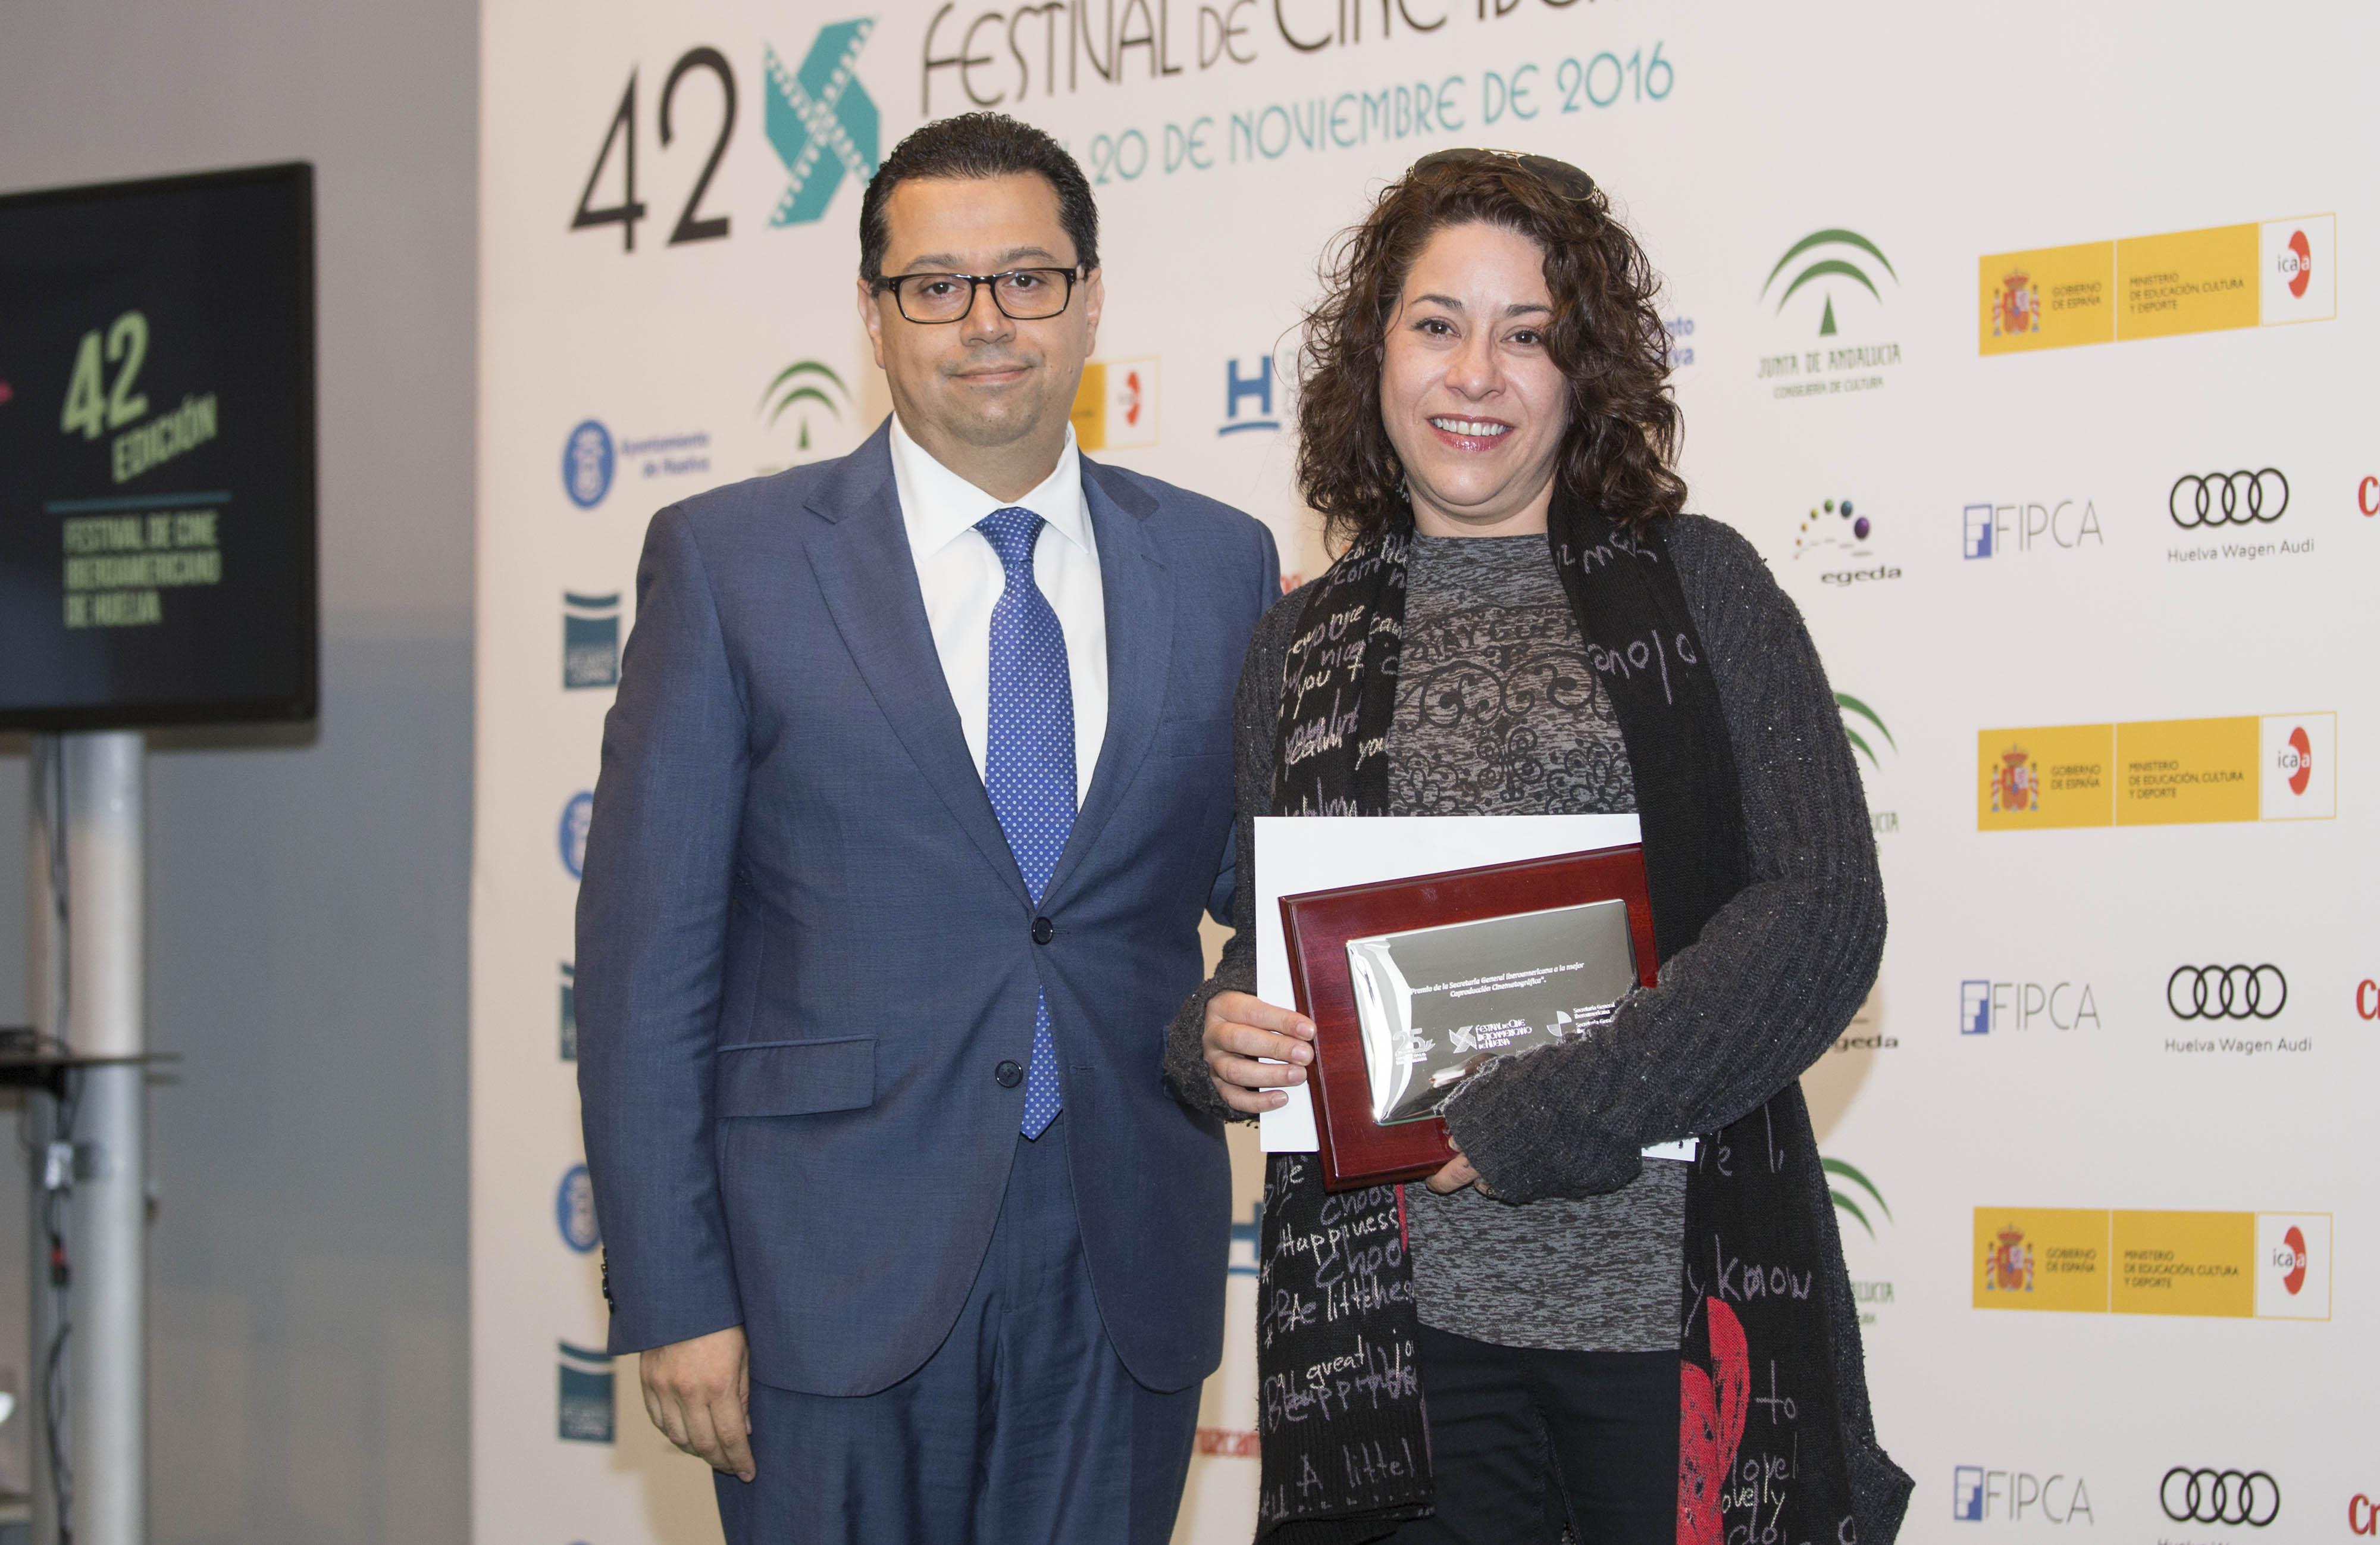 premio-de-la-secretaria-general-iberoamericana-a-la-mejor-coproduccion-a-tamara-y-la-catarina